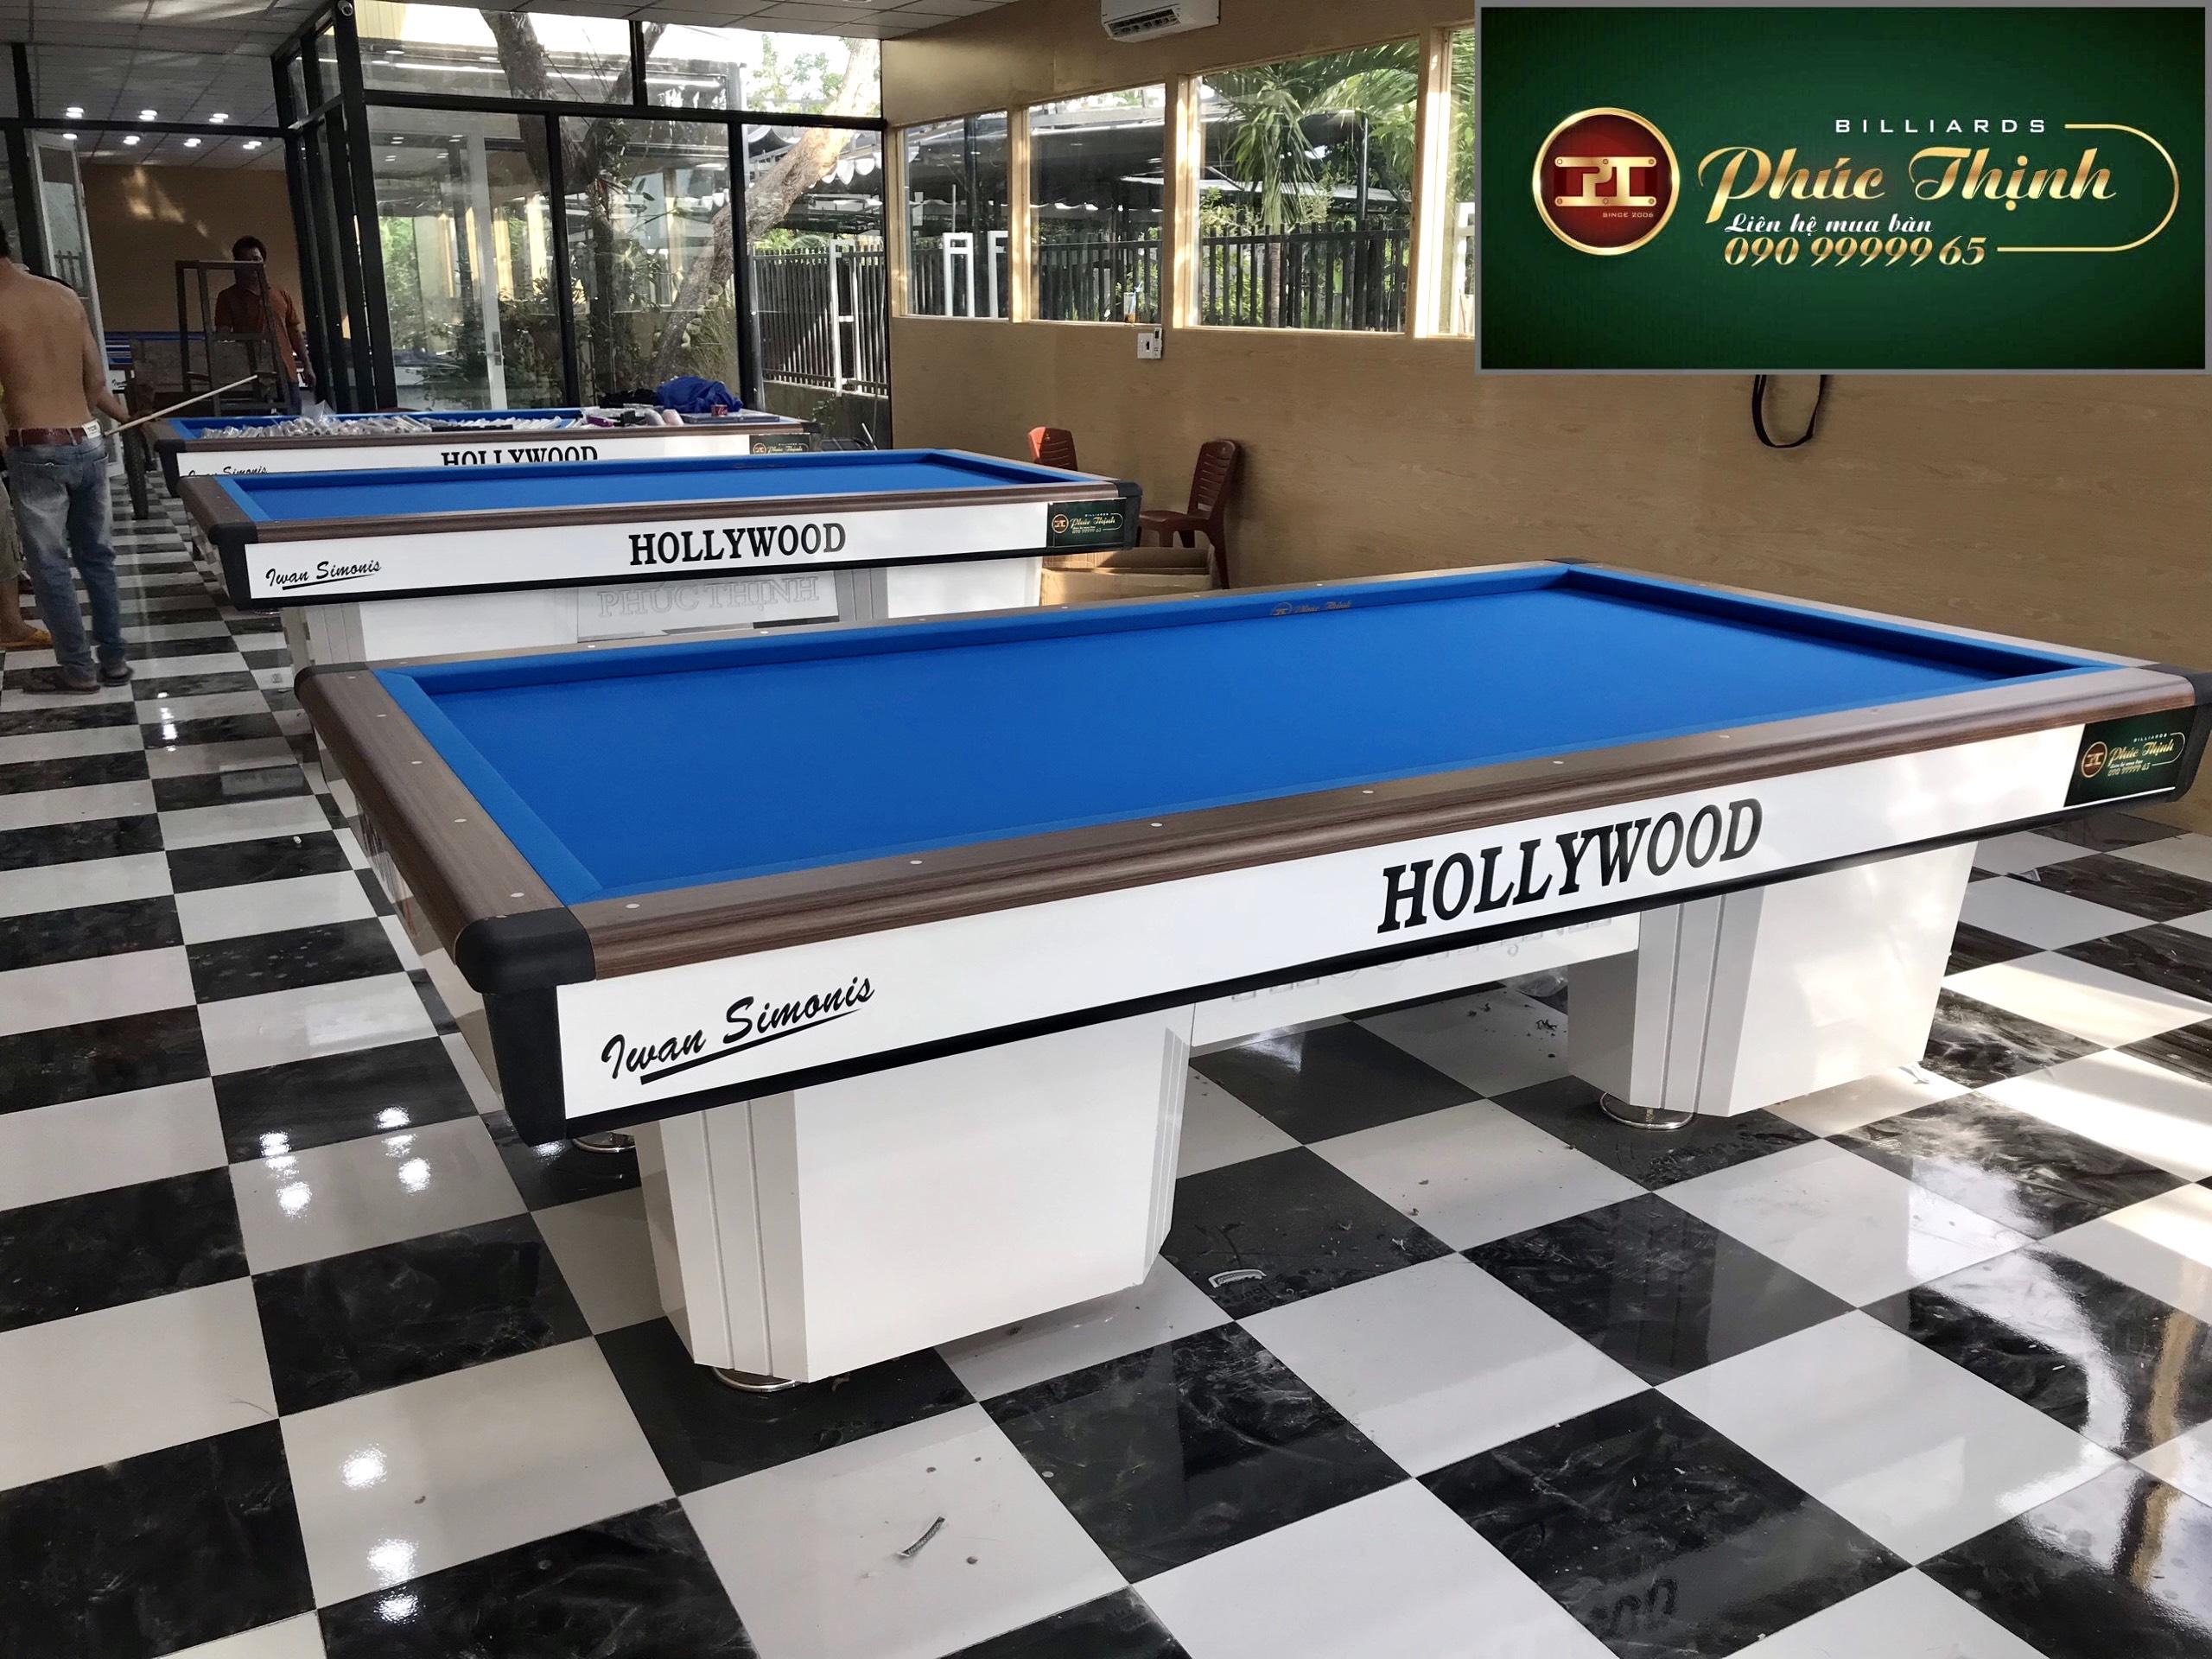 Mẫu bàn bida Hollywood 2021